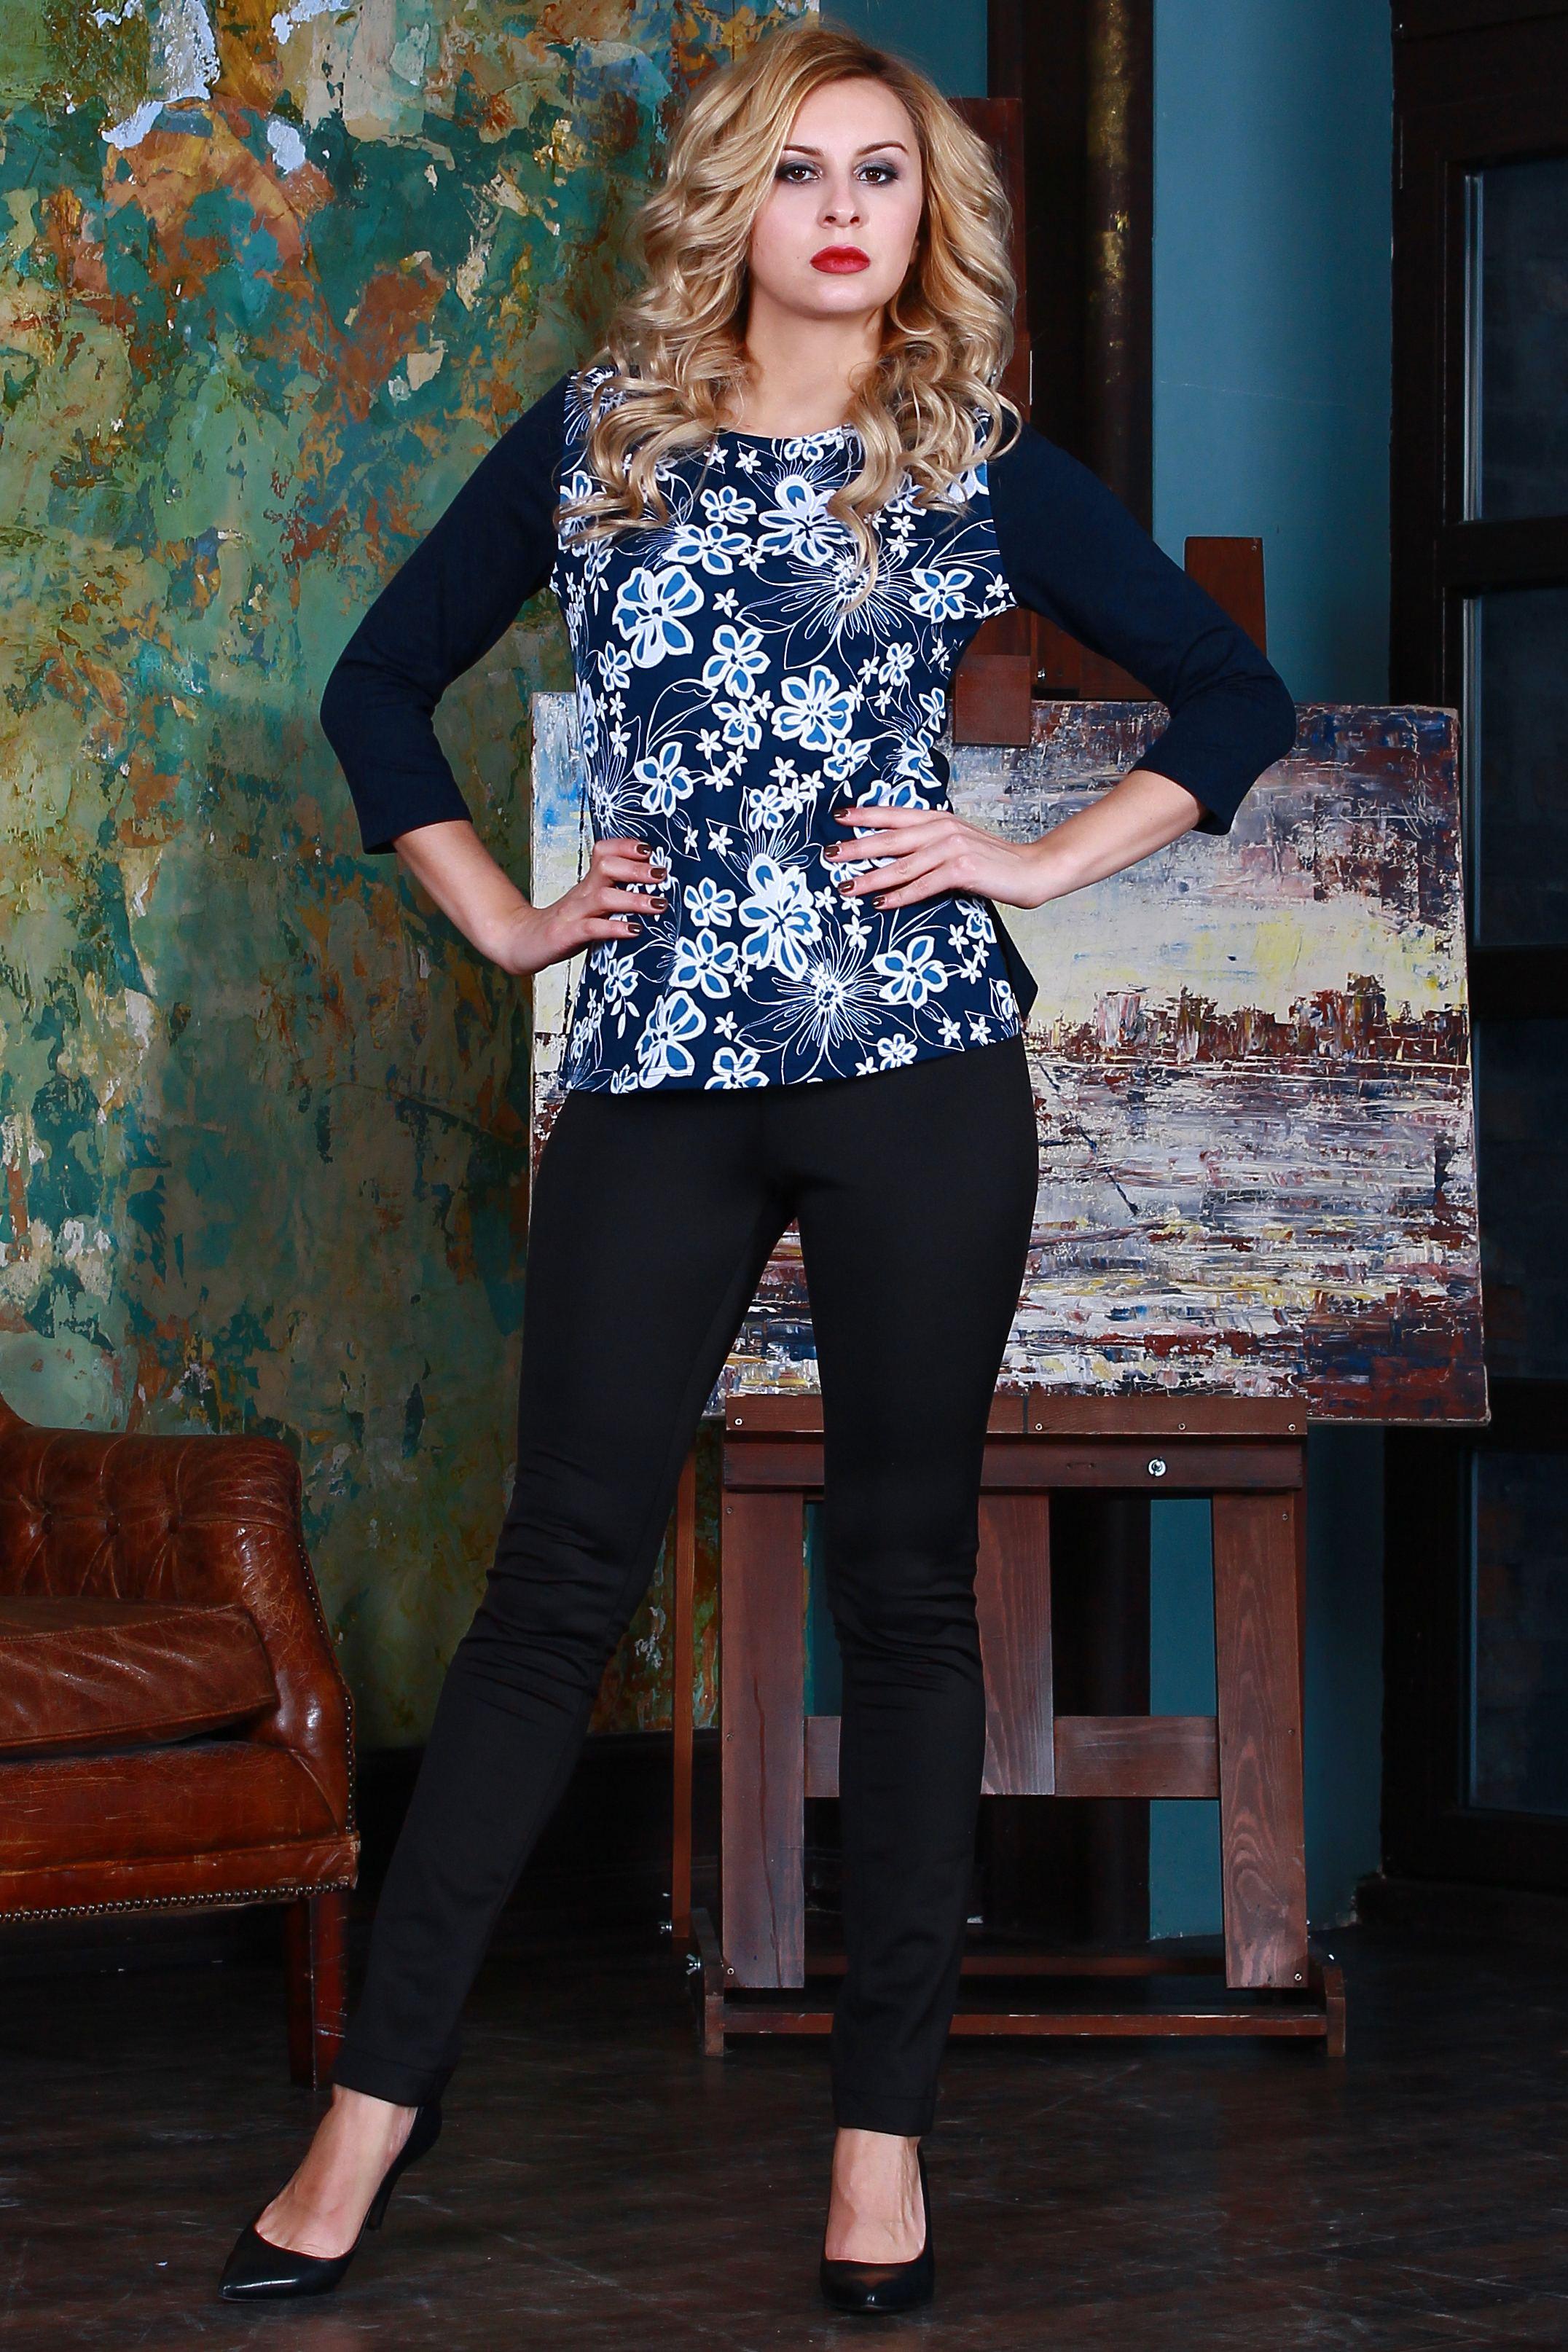 БлузкаБлузки<br>Комбинированная блуза из полушерстяного трикотажного полотна прямого силуэта с небольшими разрезами по бокам, рукав втачной 3/4.  Длина изделия от 59 см до 62 см, в зависимости от размера.  Цвет: синий, белый, голубой  Рост девушки-фотомодели 175 см<br><br>Горловина: С- горловина<br>По материалу: Трикотаж<br>По образу: Город,Свидание<br>По рисунку: Растительные мотивы,С принтом,Цветные,Цветочные<br>По сезону: Весна,Зима,Лето,Осень,Всесезон<br>По силуэту: Полуприталенные<br>По стилю: Повседневный стиль<br>Рукав: Рукав три четверти<br>Размер : 44,46,48,50,52,54<br>Материал: Джерси<br>Количество в наличии: 2